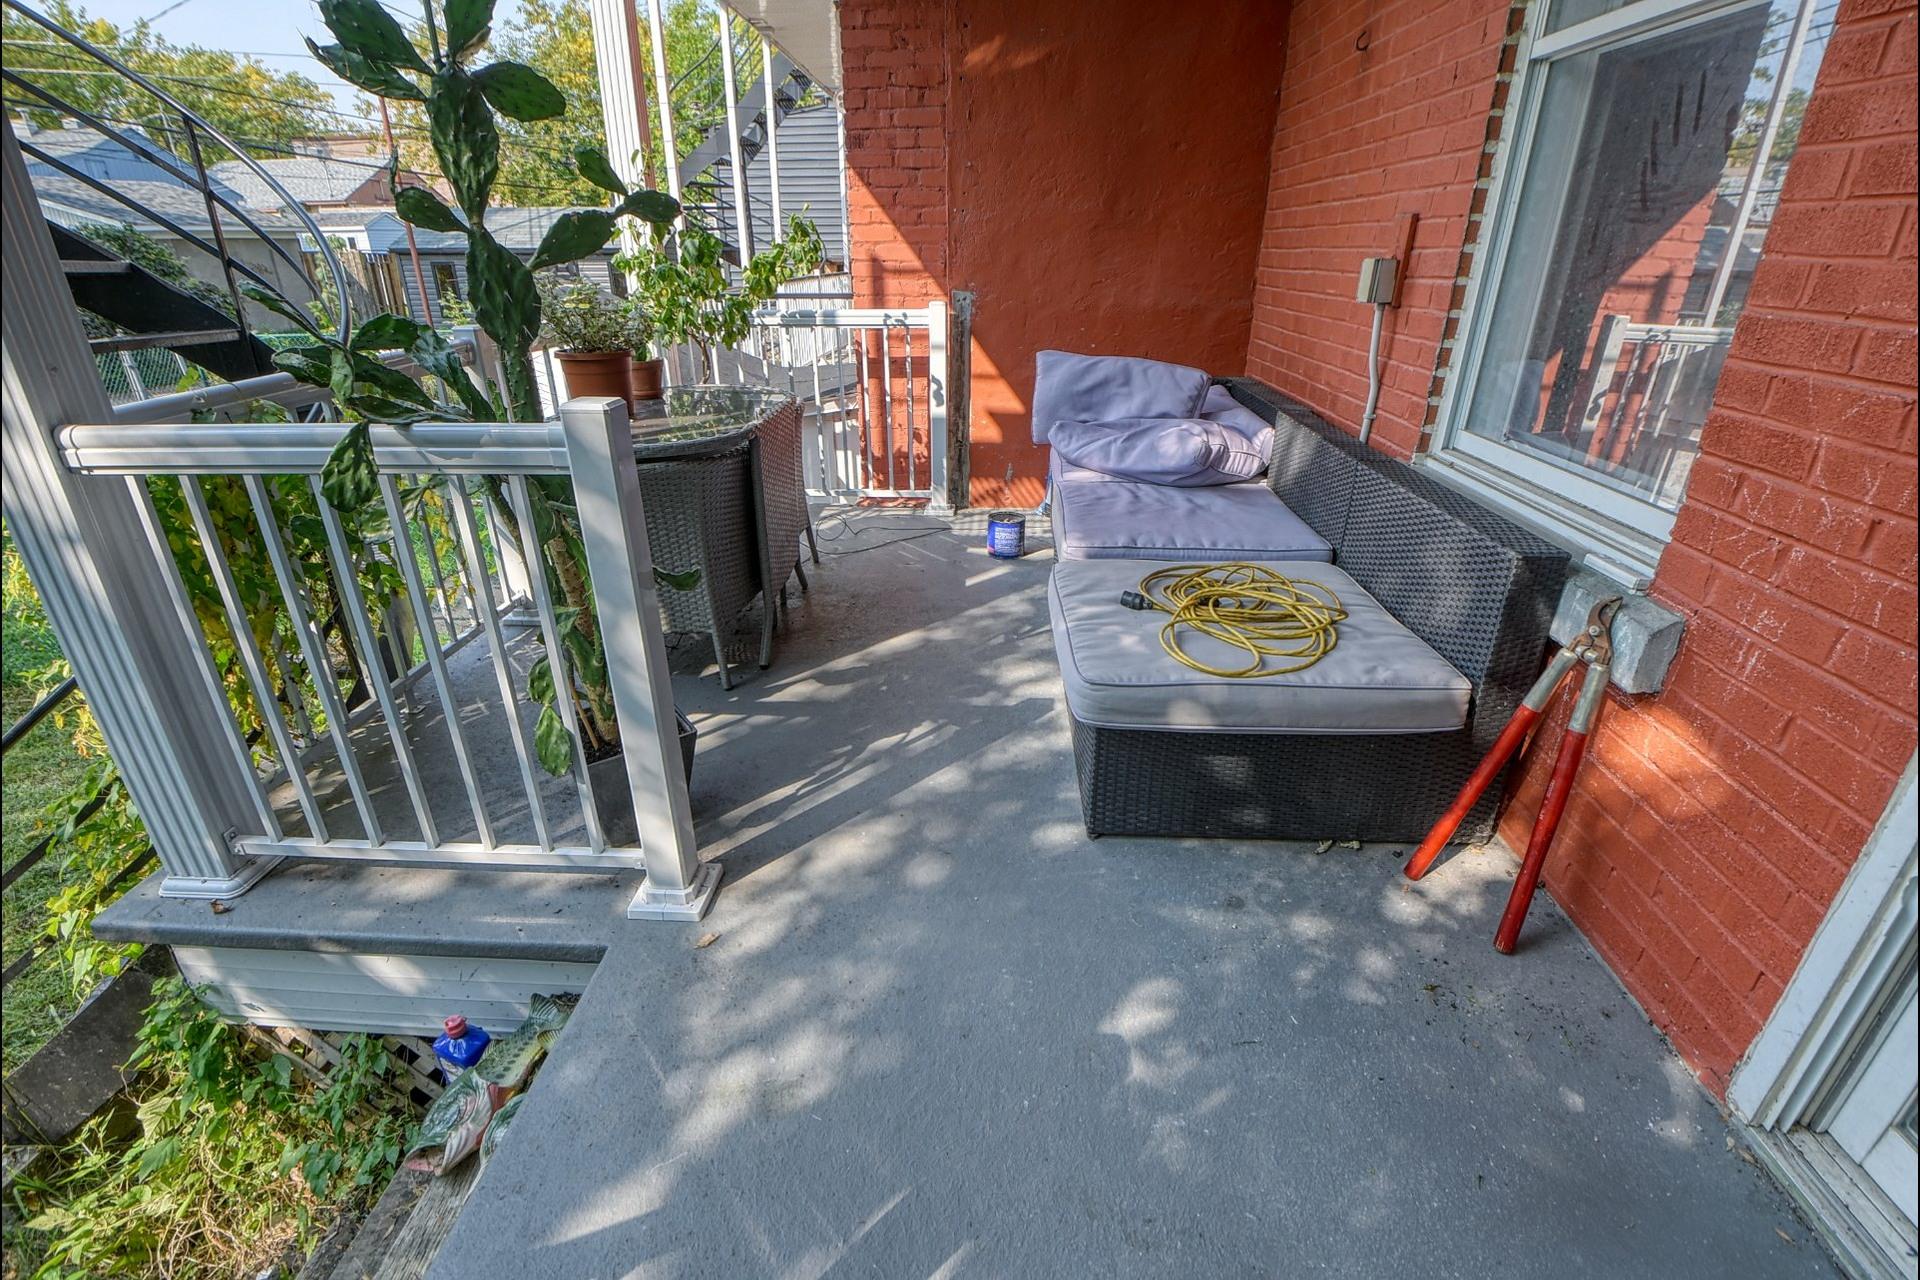 image 6 - Duplex À vendre Le Sud-Ouest Montréal  - 4 pièces